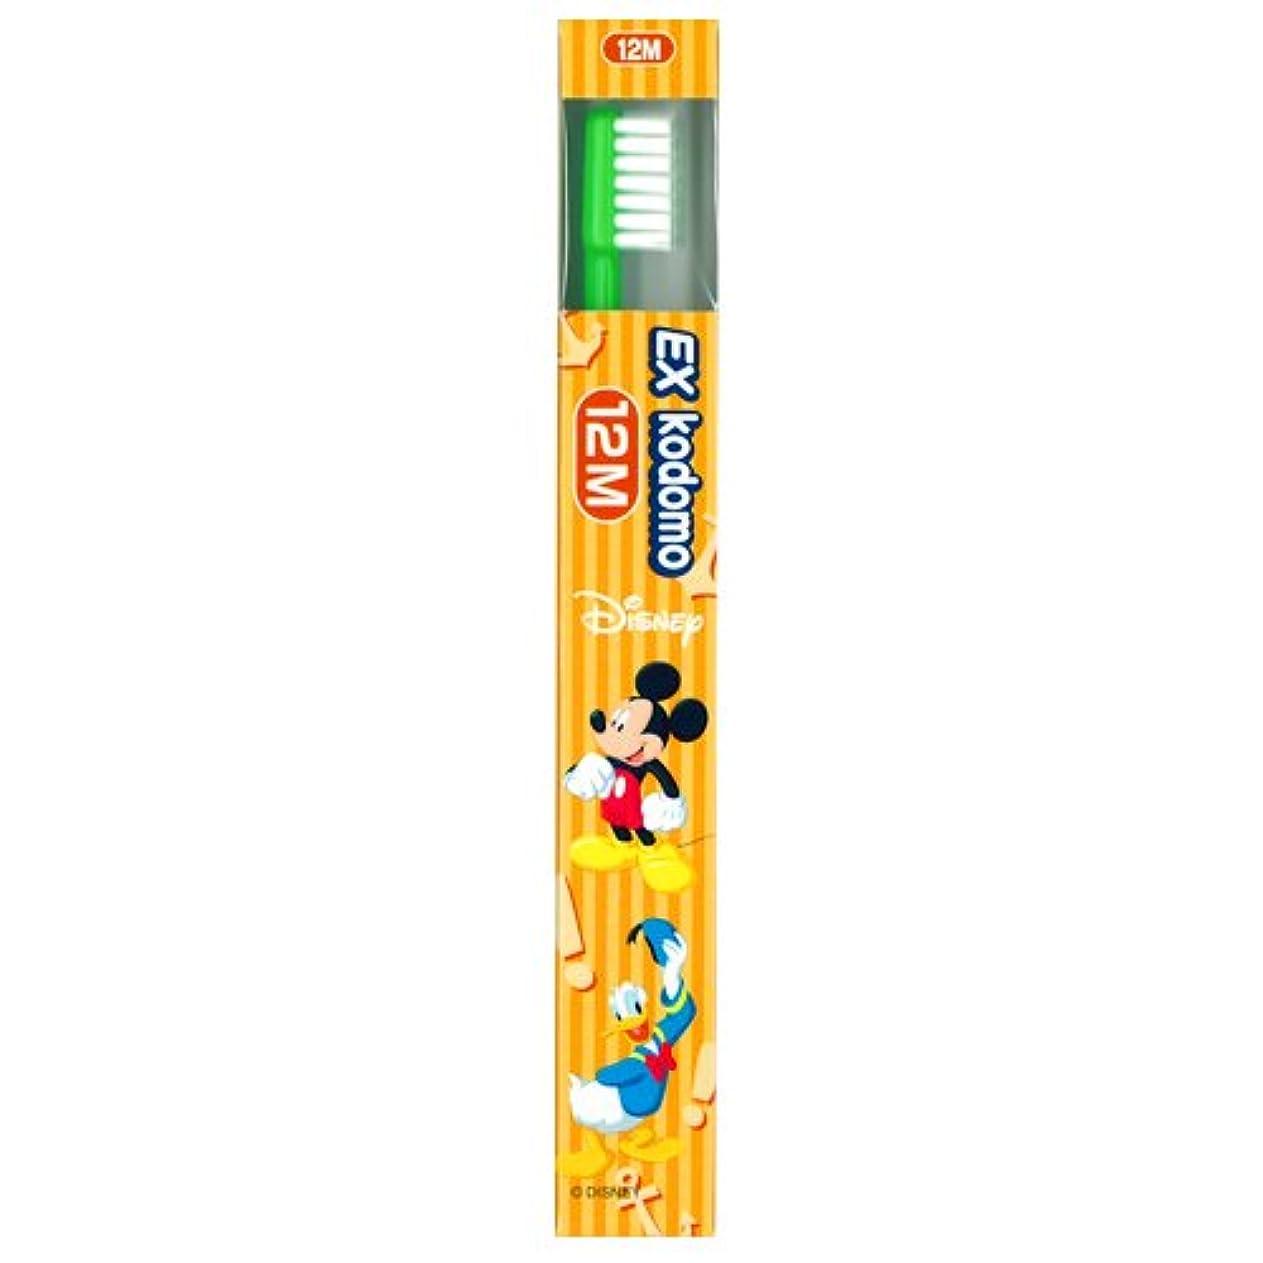 敗北意味不倫ライオン EX kodomo ディズニー 歯ブラシ 1本 12M グリーン